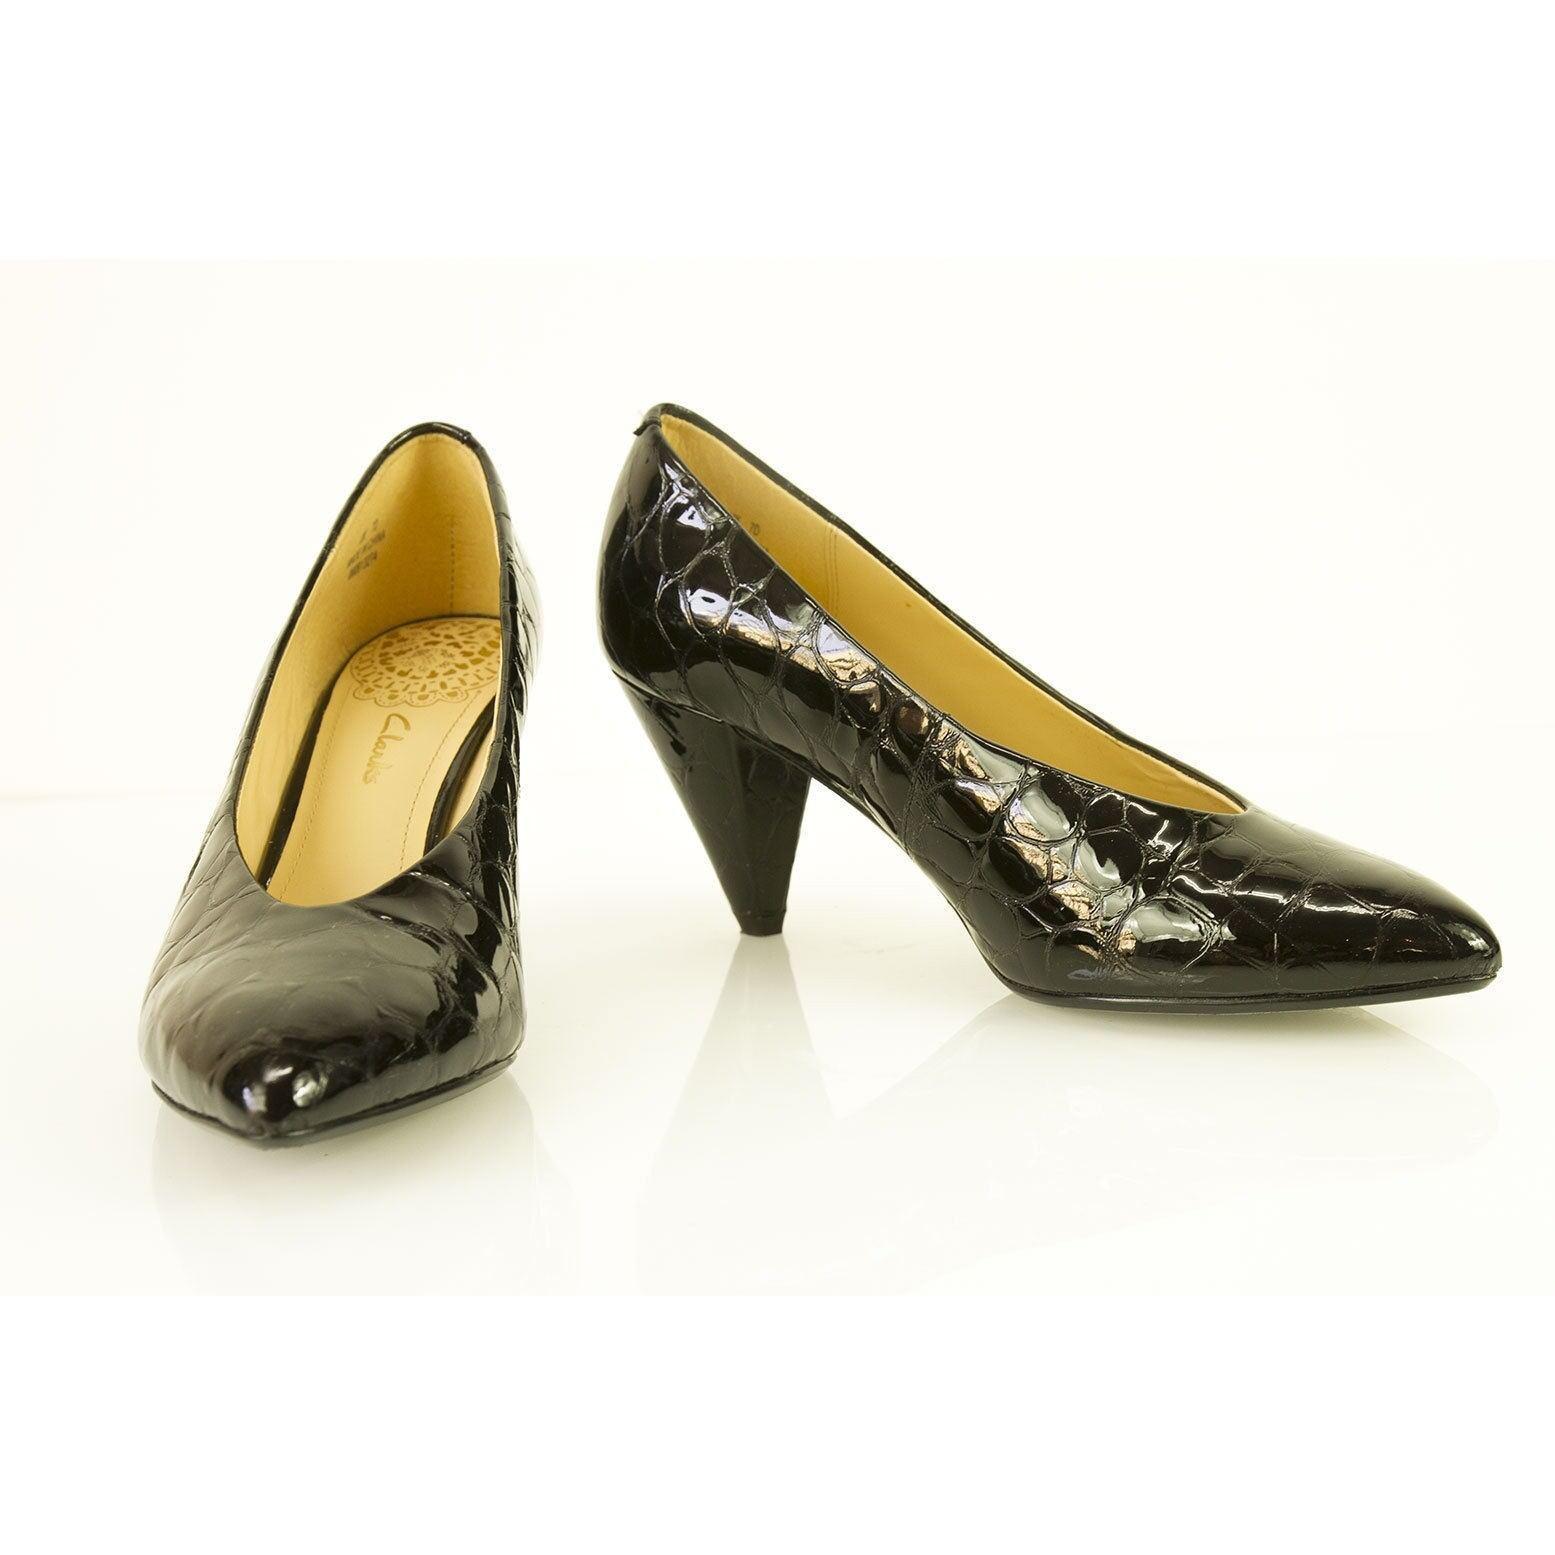 Clarks Negro Cuero Cuero Cuero Croco en relieve de patente en punta Bombas Tacones Zapatos UK 7  mejor servicio